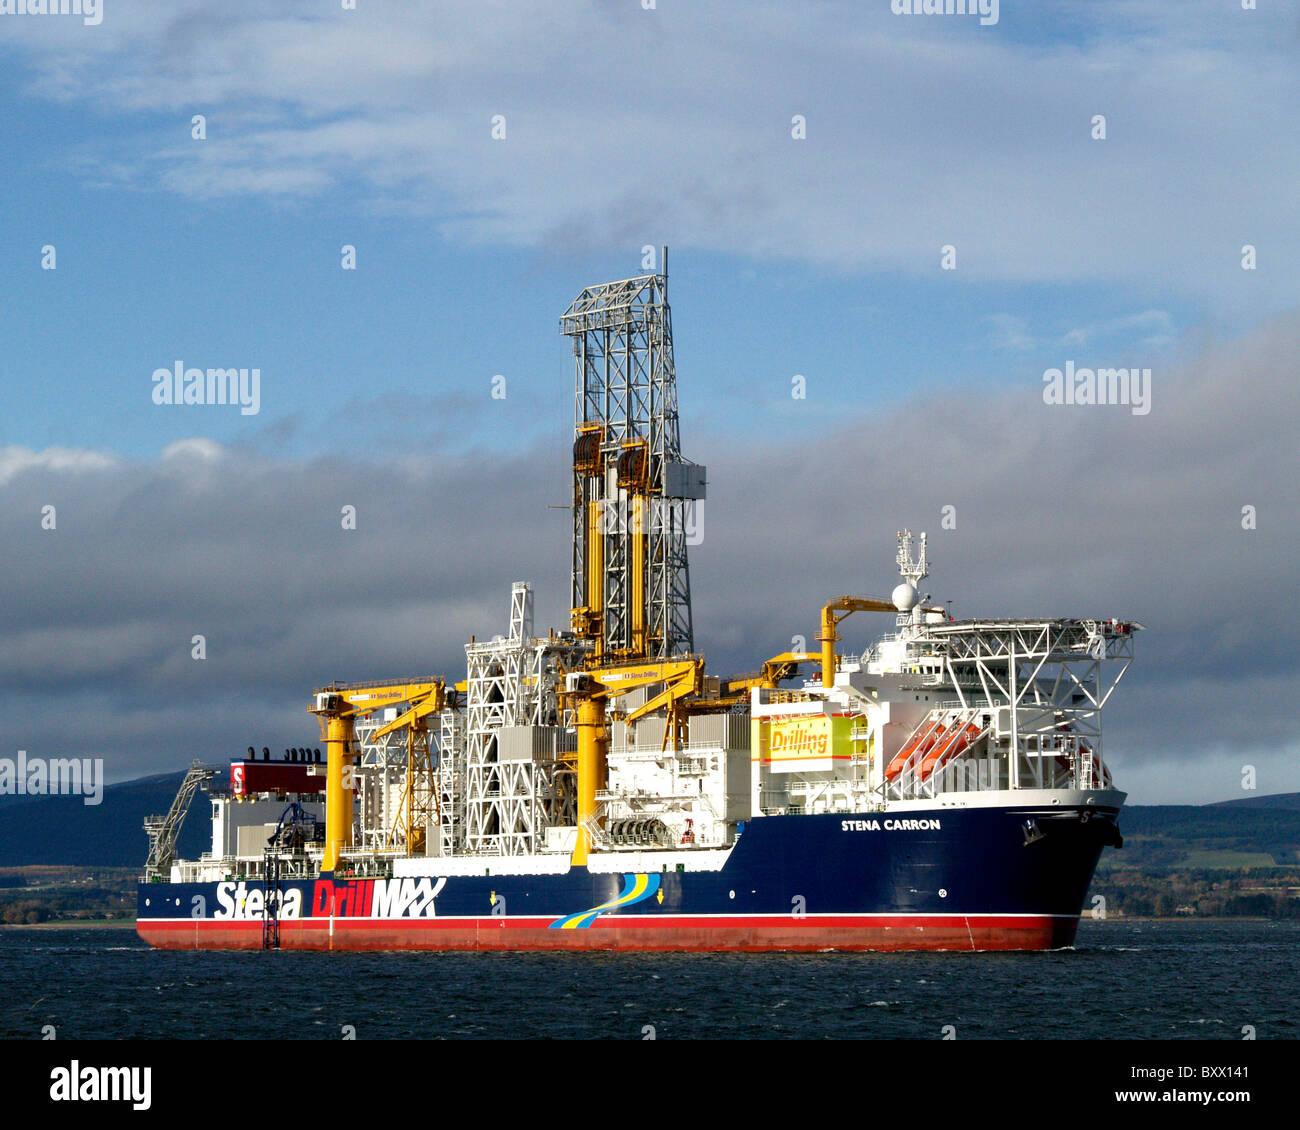 El buque sonda Stena Carron dejando el Cromarty Firth, en ruta para perforar pozos de petróleo en aguas profundas en las aguas cercanas a Groenlandia. Foto de stock